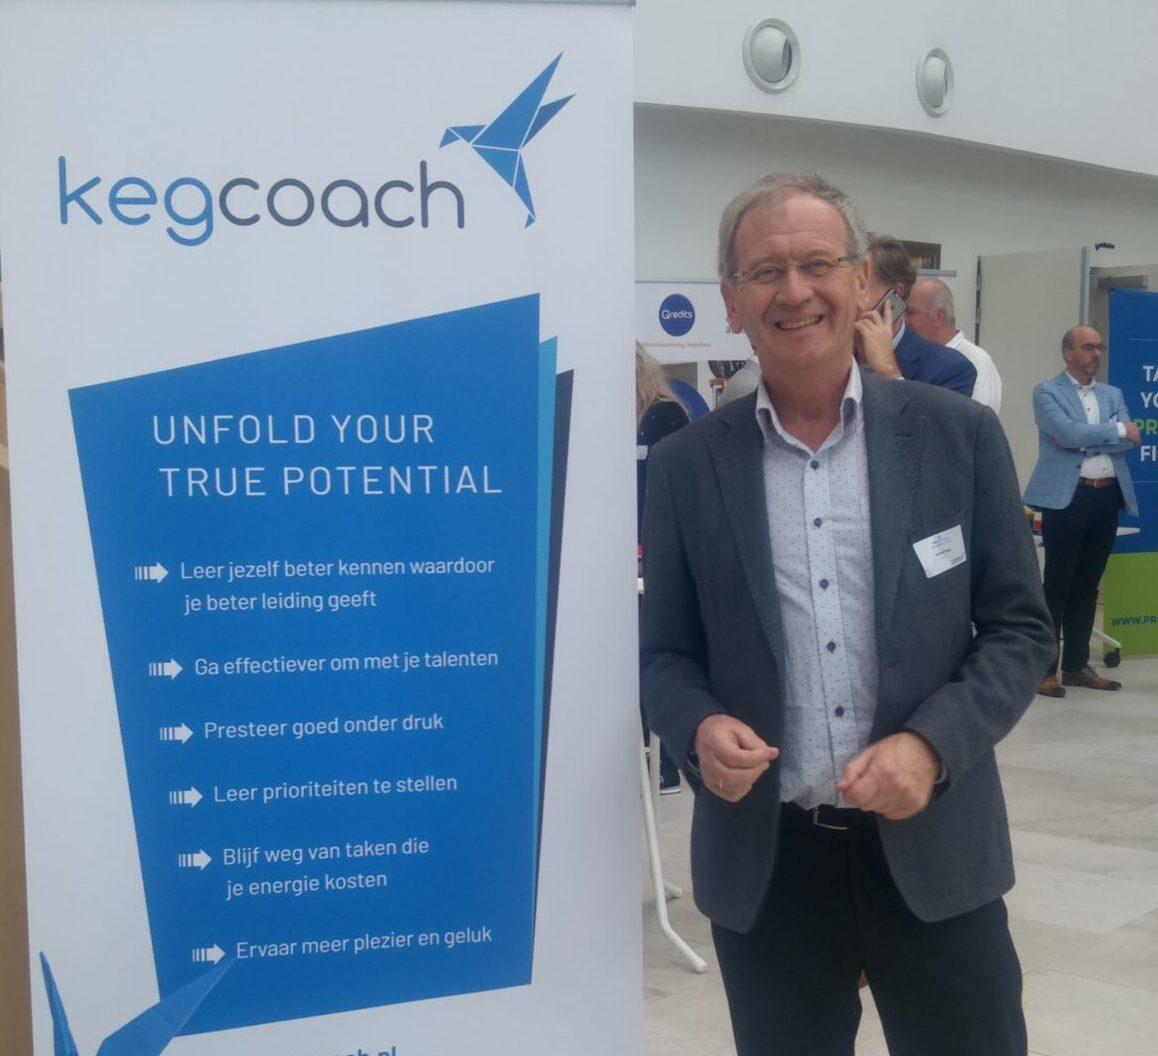 Gerard KLeg en de Eenzame Ondernemer